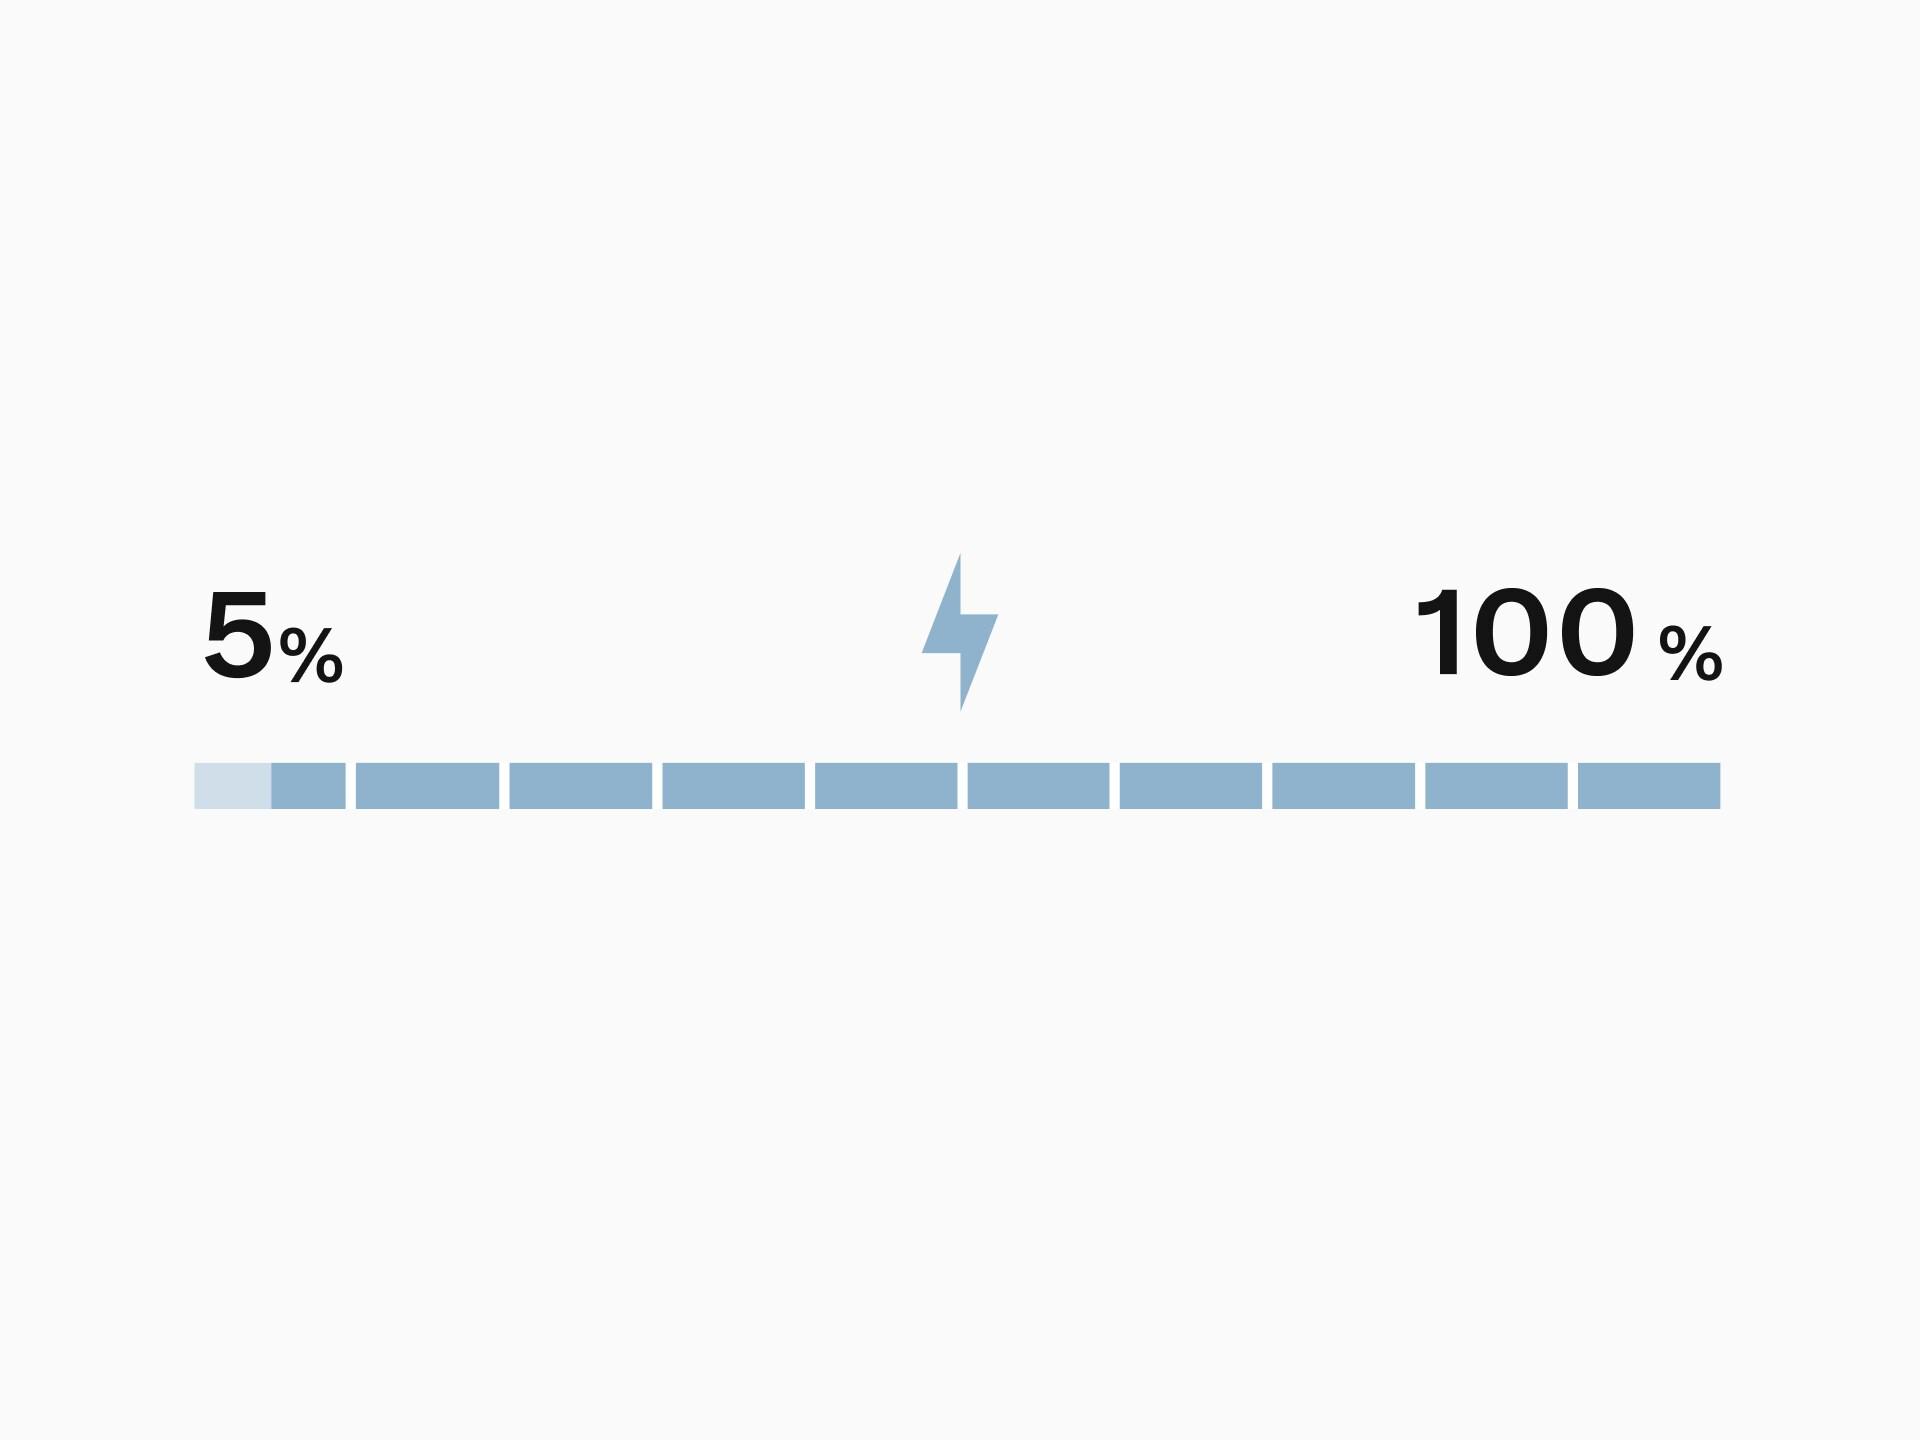 Gráfico de barras del porcentaje de carga de la batería, resaltado del 5% al 100% para indicar el rango operativo ideal para la batería de un híbrido enchufable.